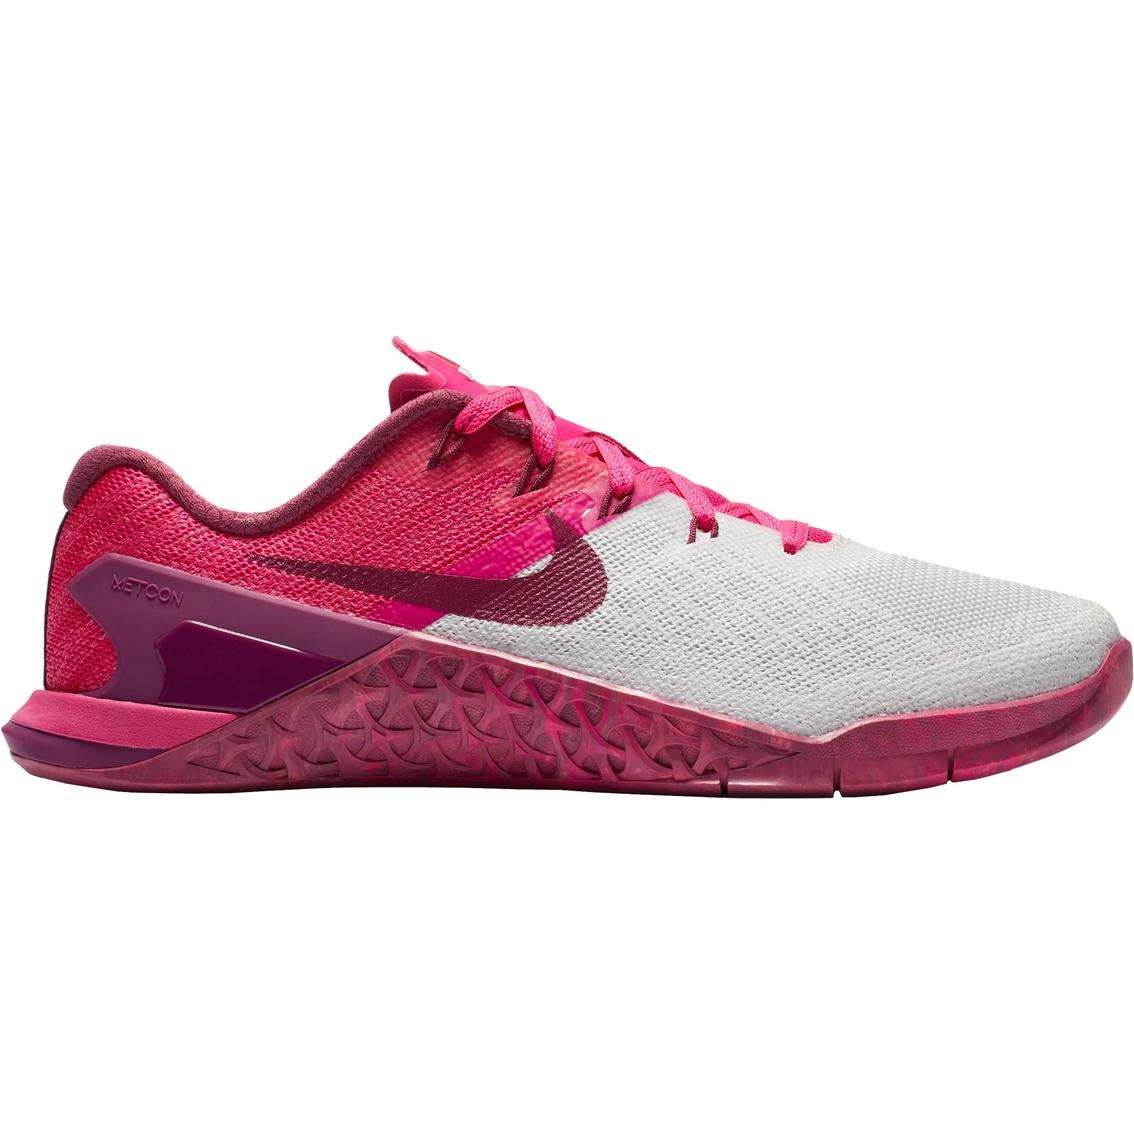 9de5673642abc Nike Women s Metcon 3 Training Shoes